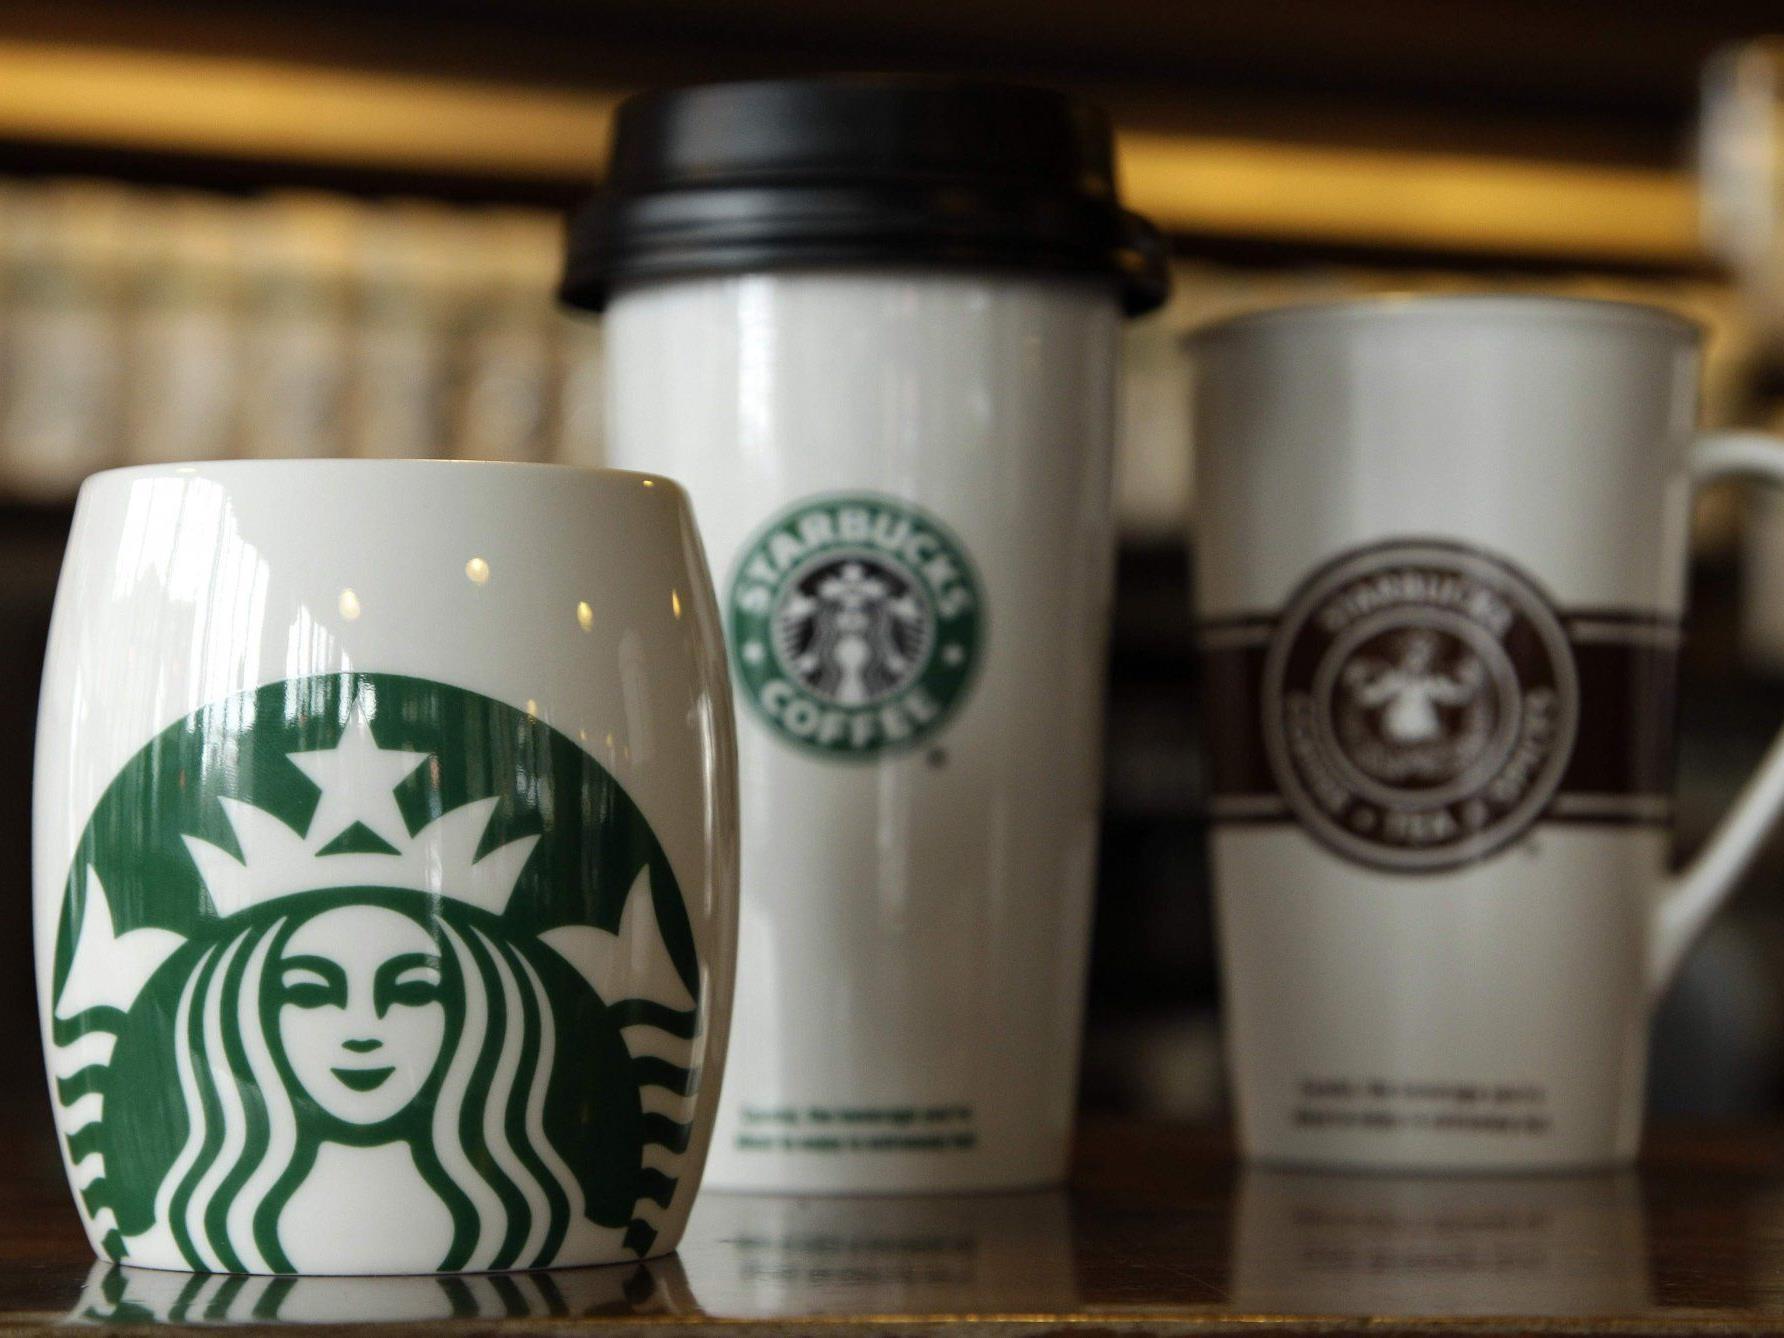 Starbucks für zuhause: Kaffeekapseln und Maschine in Planung.